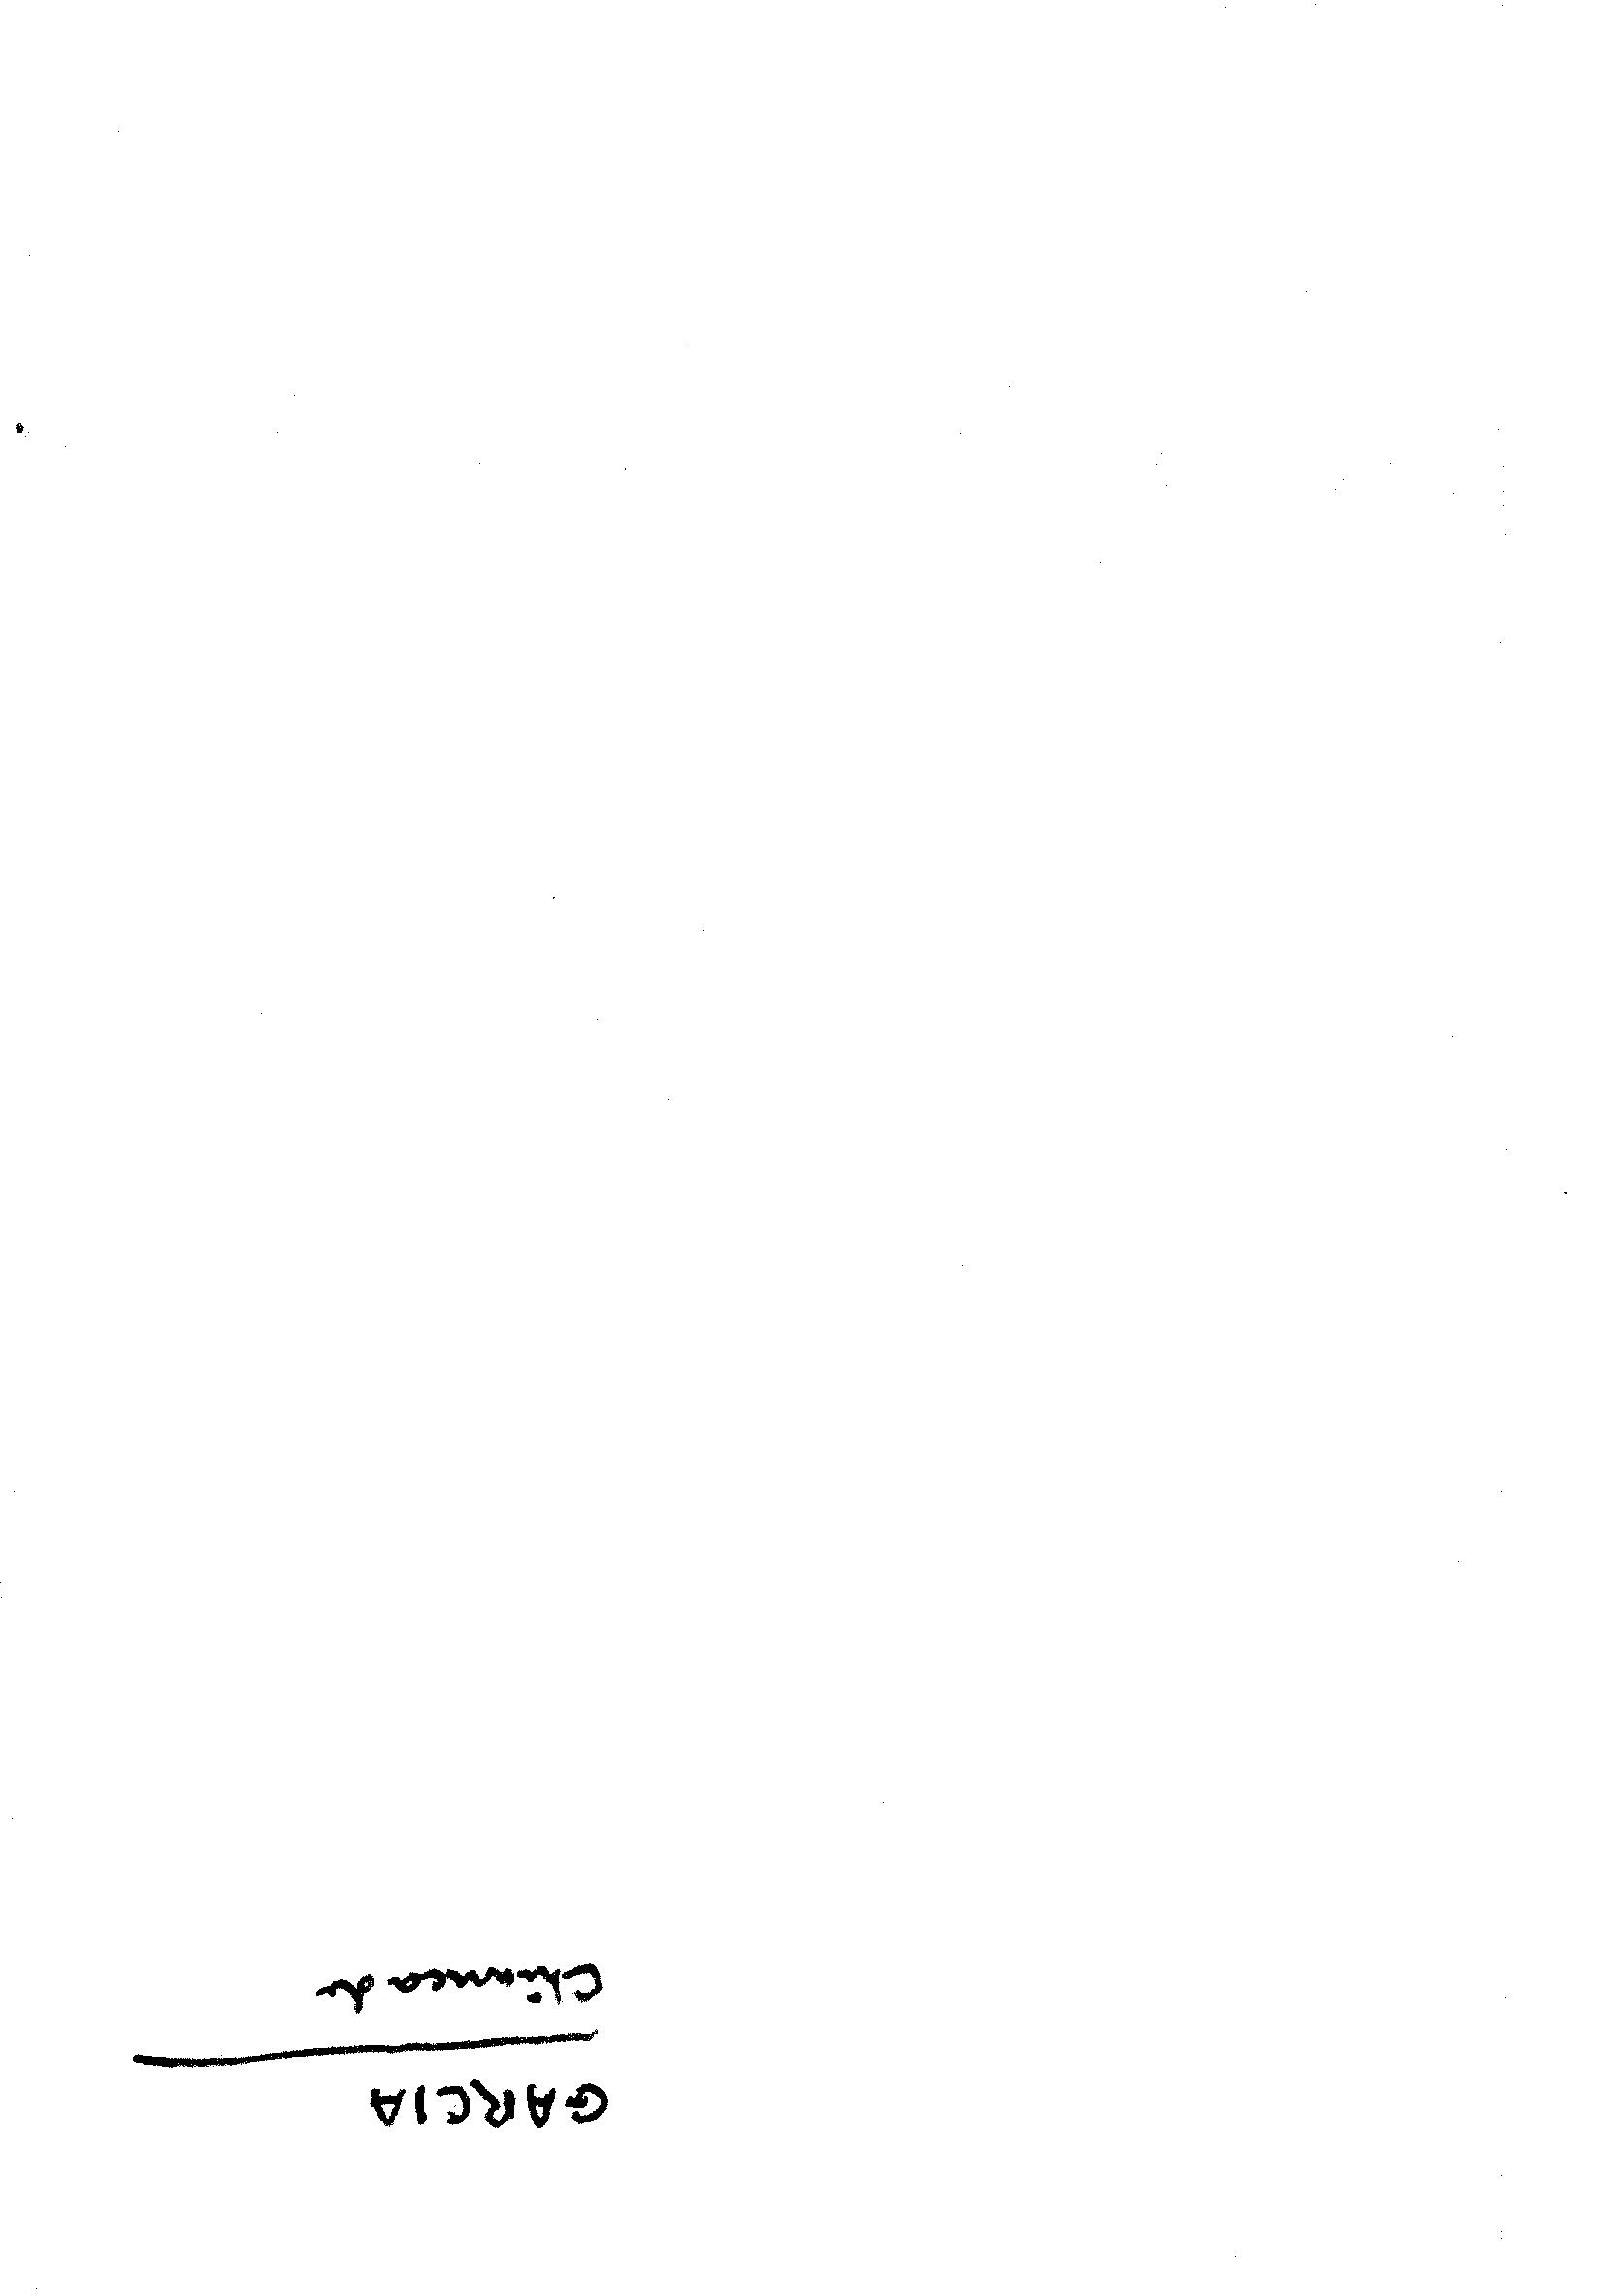 04546.021.001- pag.1